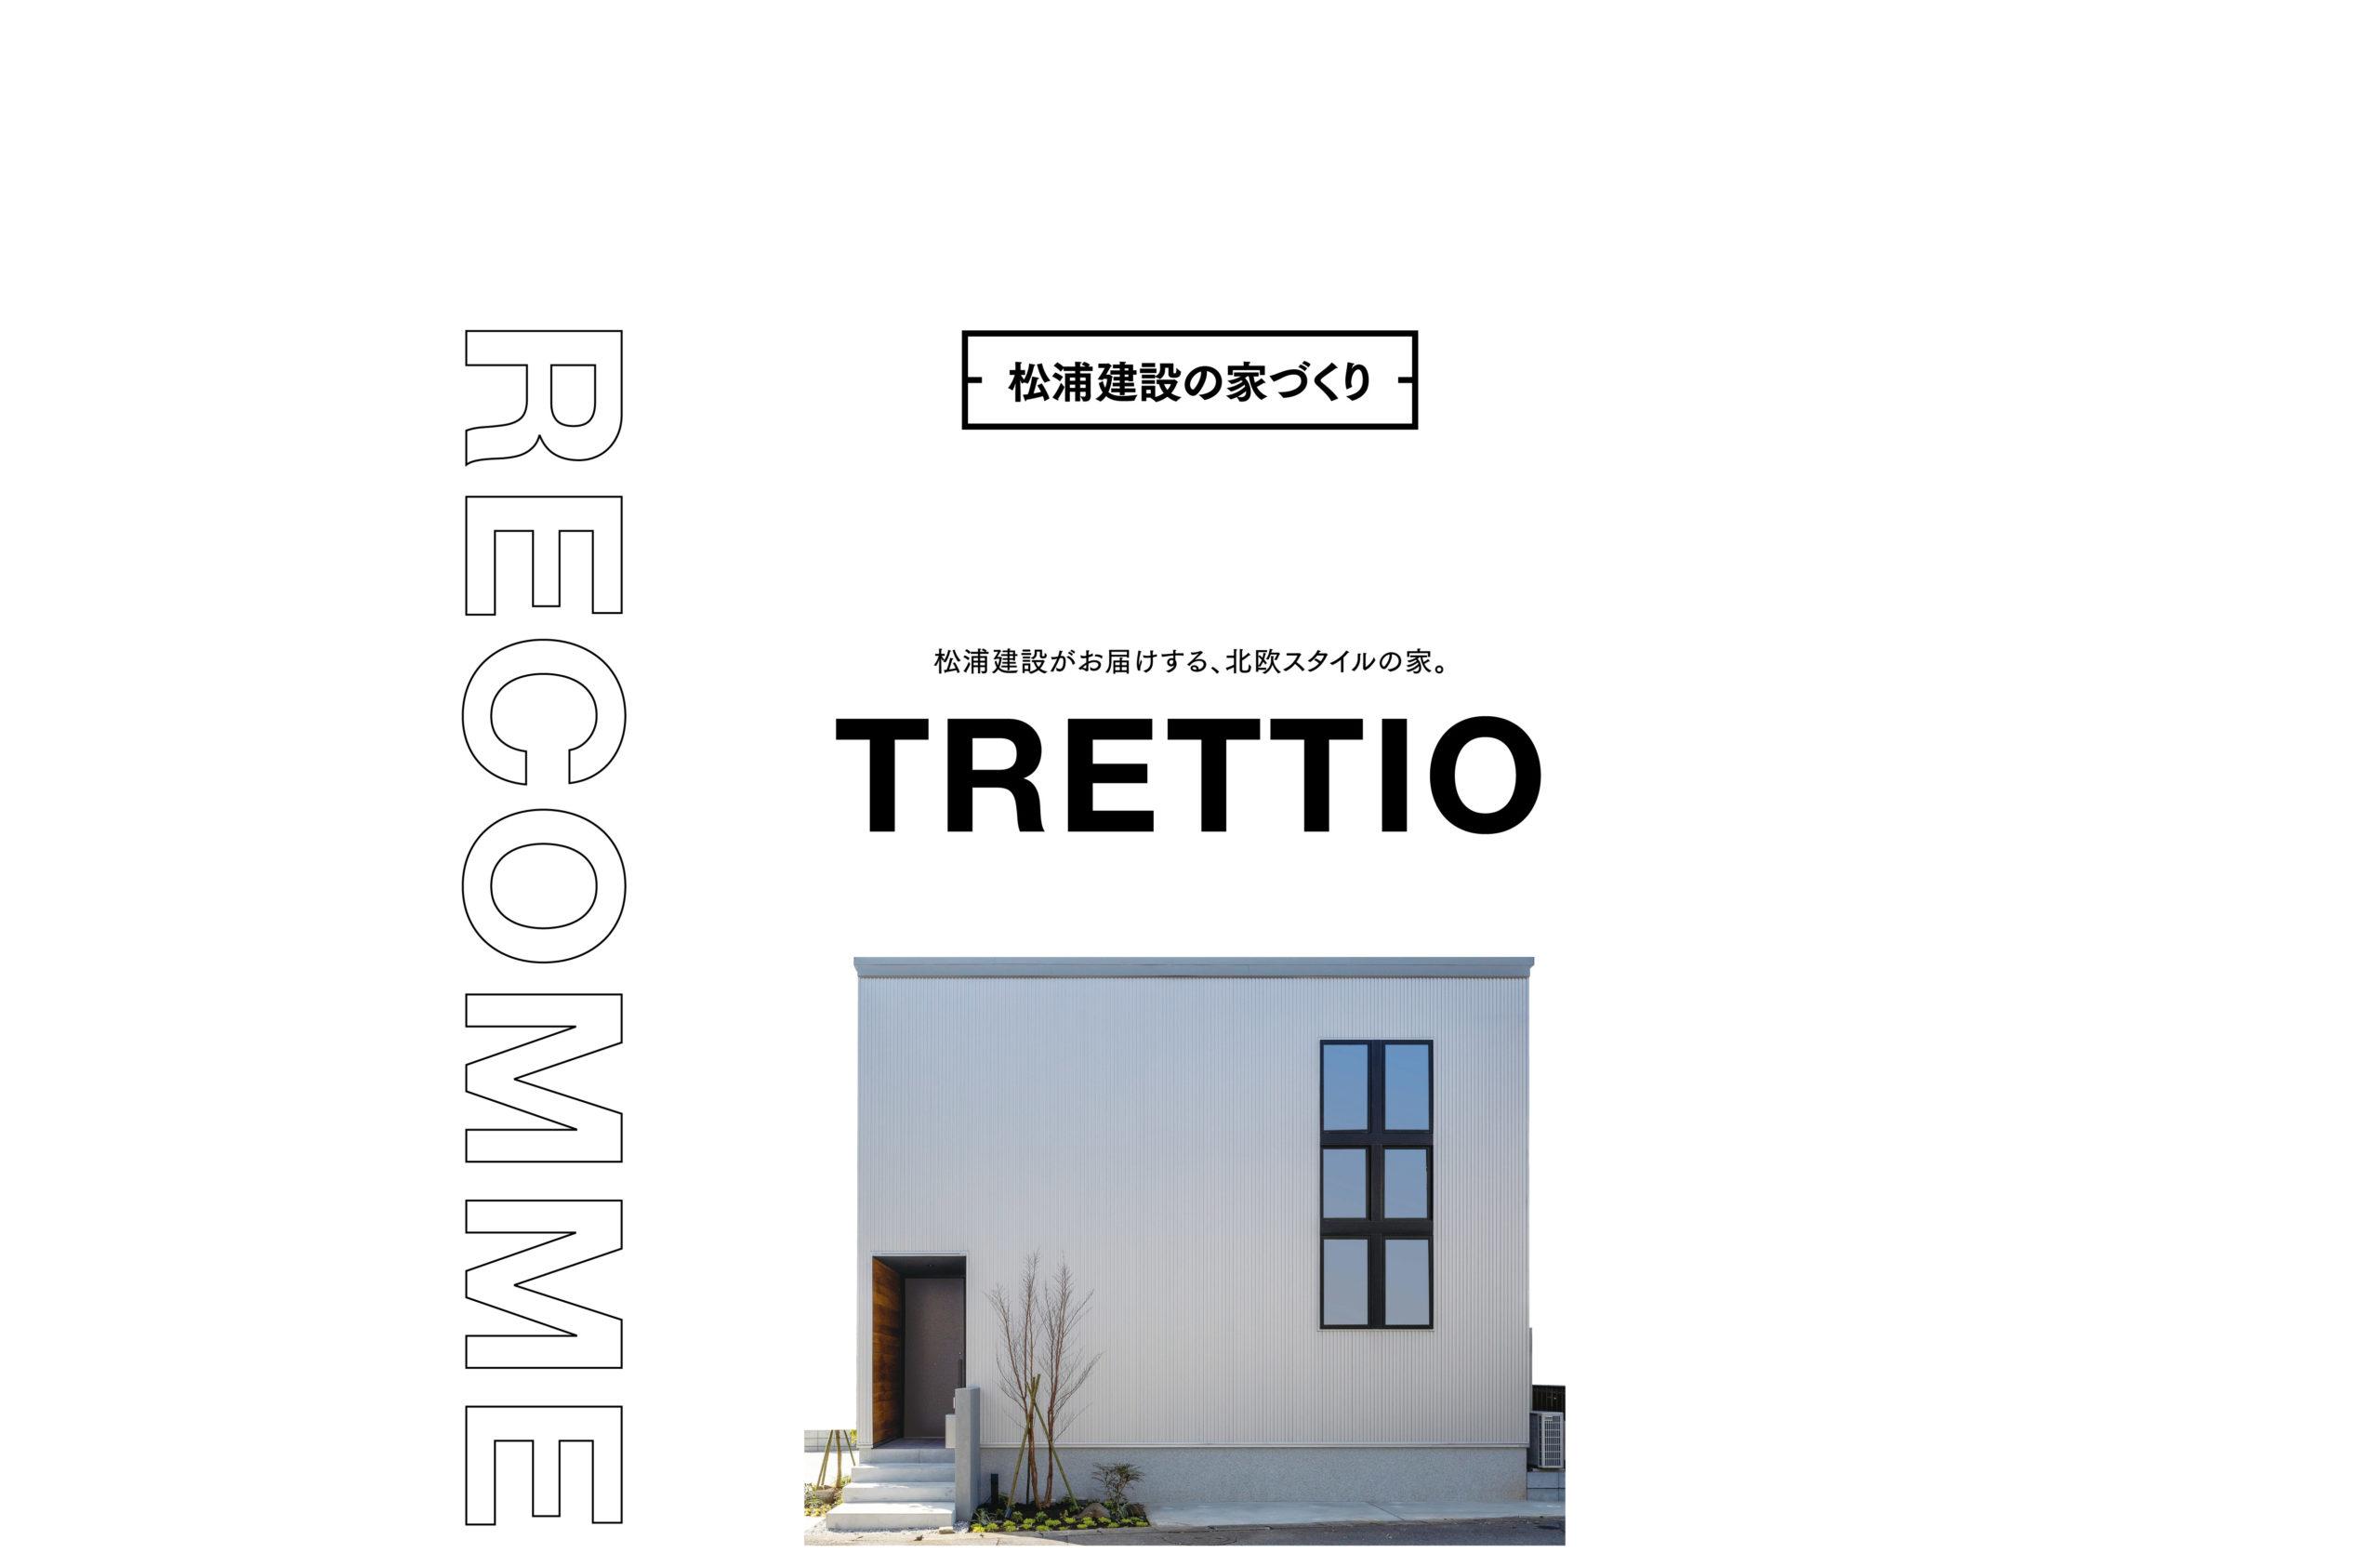 「松尾建設の家づくり TRETTIO」 福岡県福岡市早良区にある新築一戸建て・土地・宅地「フィットコート重留 (建築条件付宅地分譲)」のご紹介。